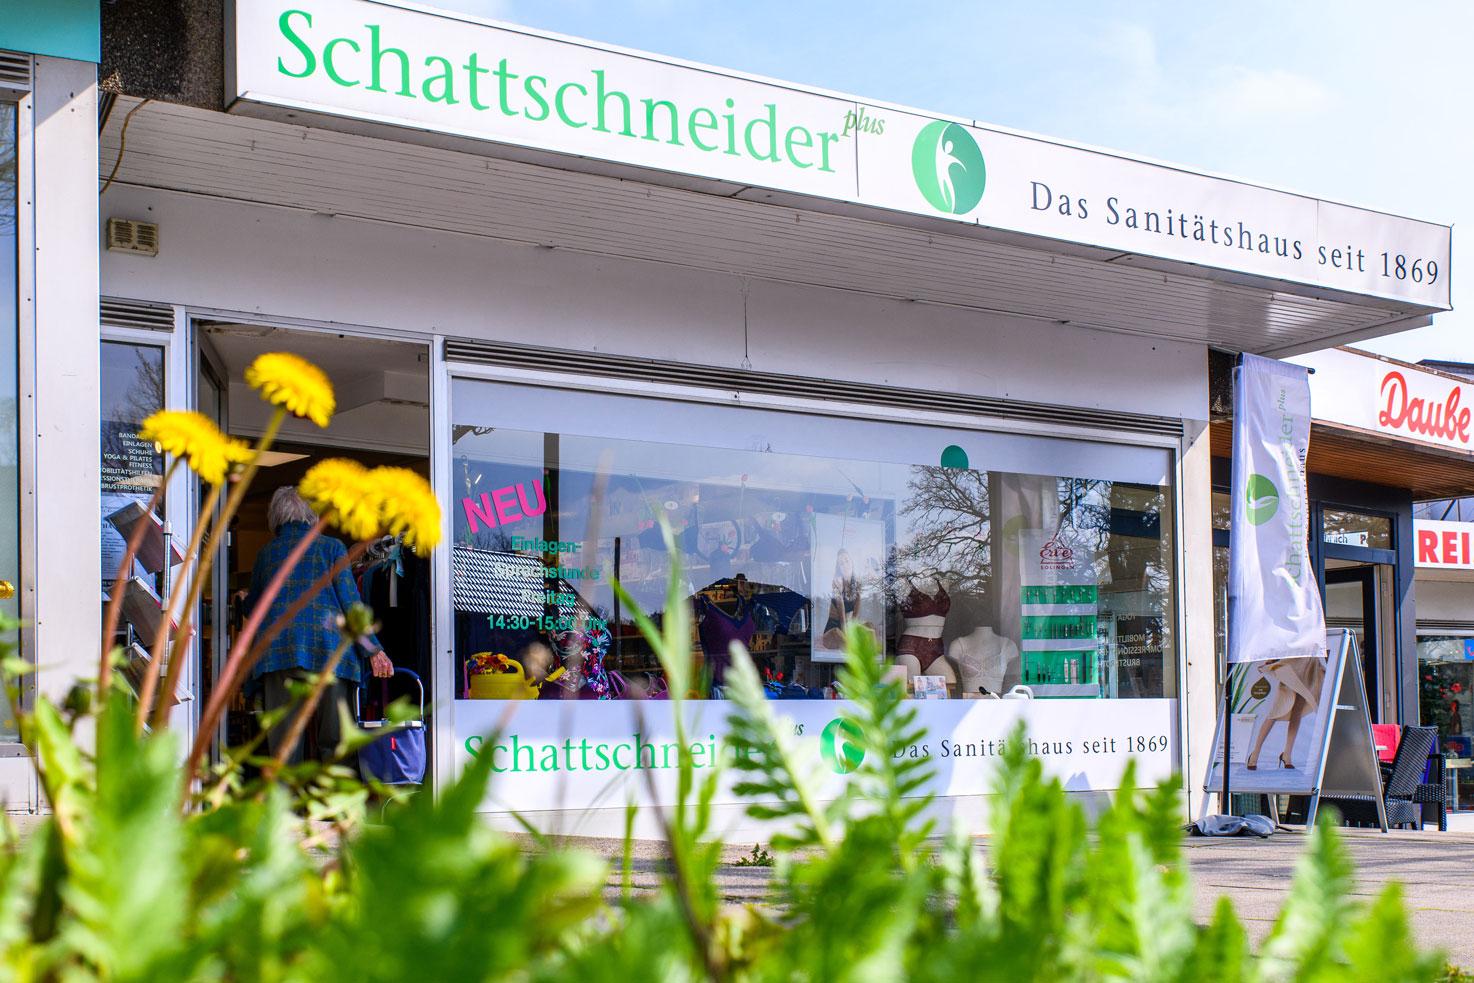 _schattschneider-release-20190329-115559-DSC_3378